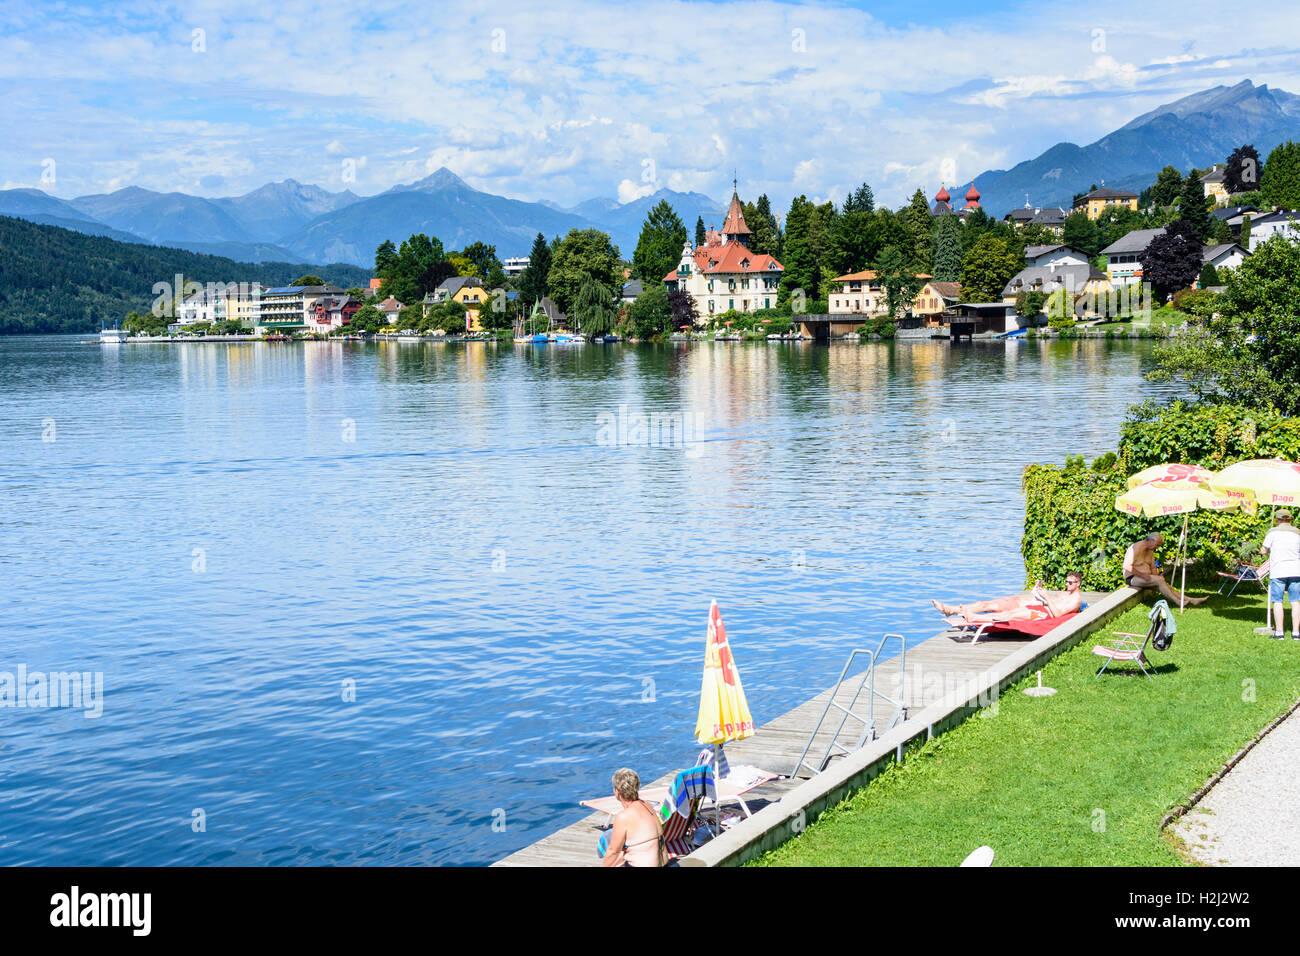 Millstatt am See: Lake Millstatt, town and Abbey, , Kärnten, Carinthia, Austria - Stock Image